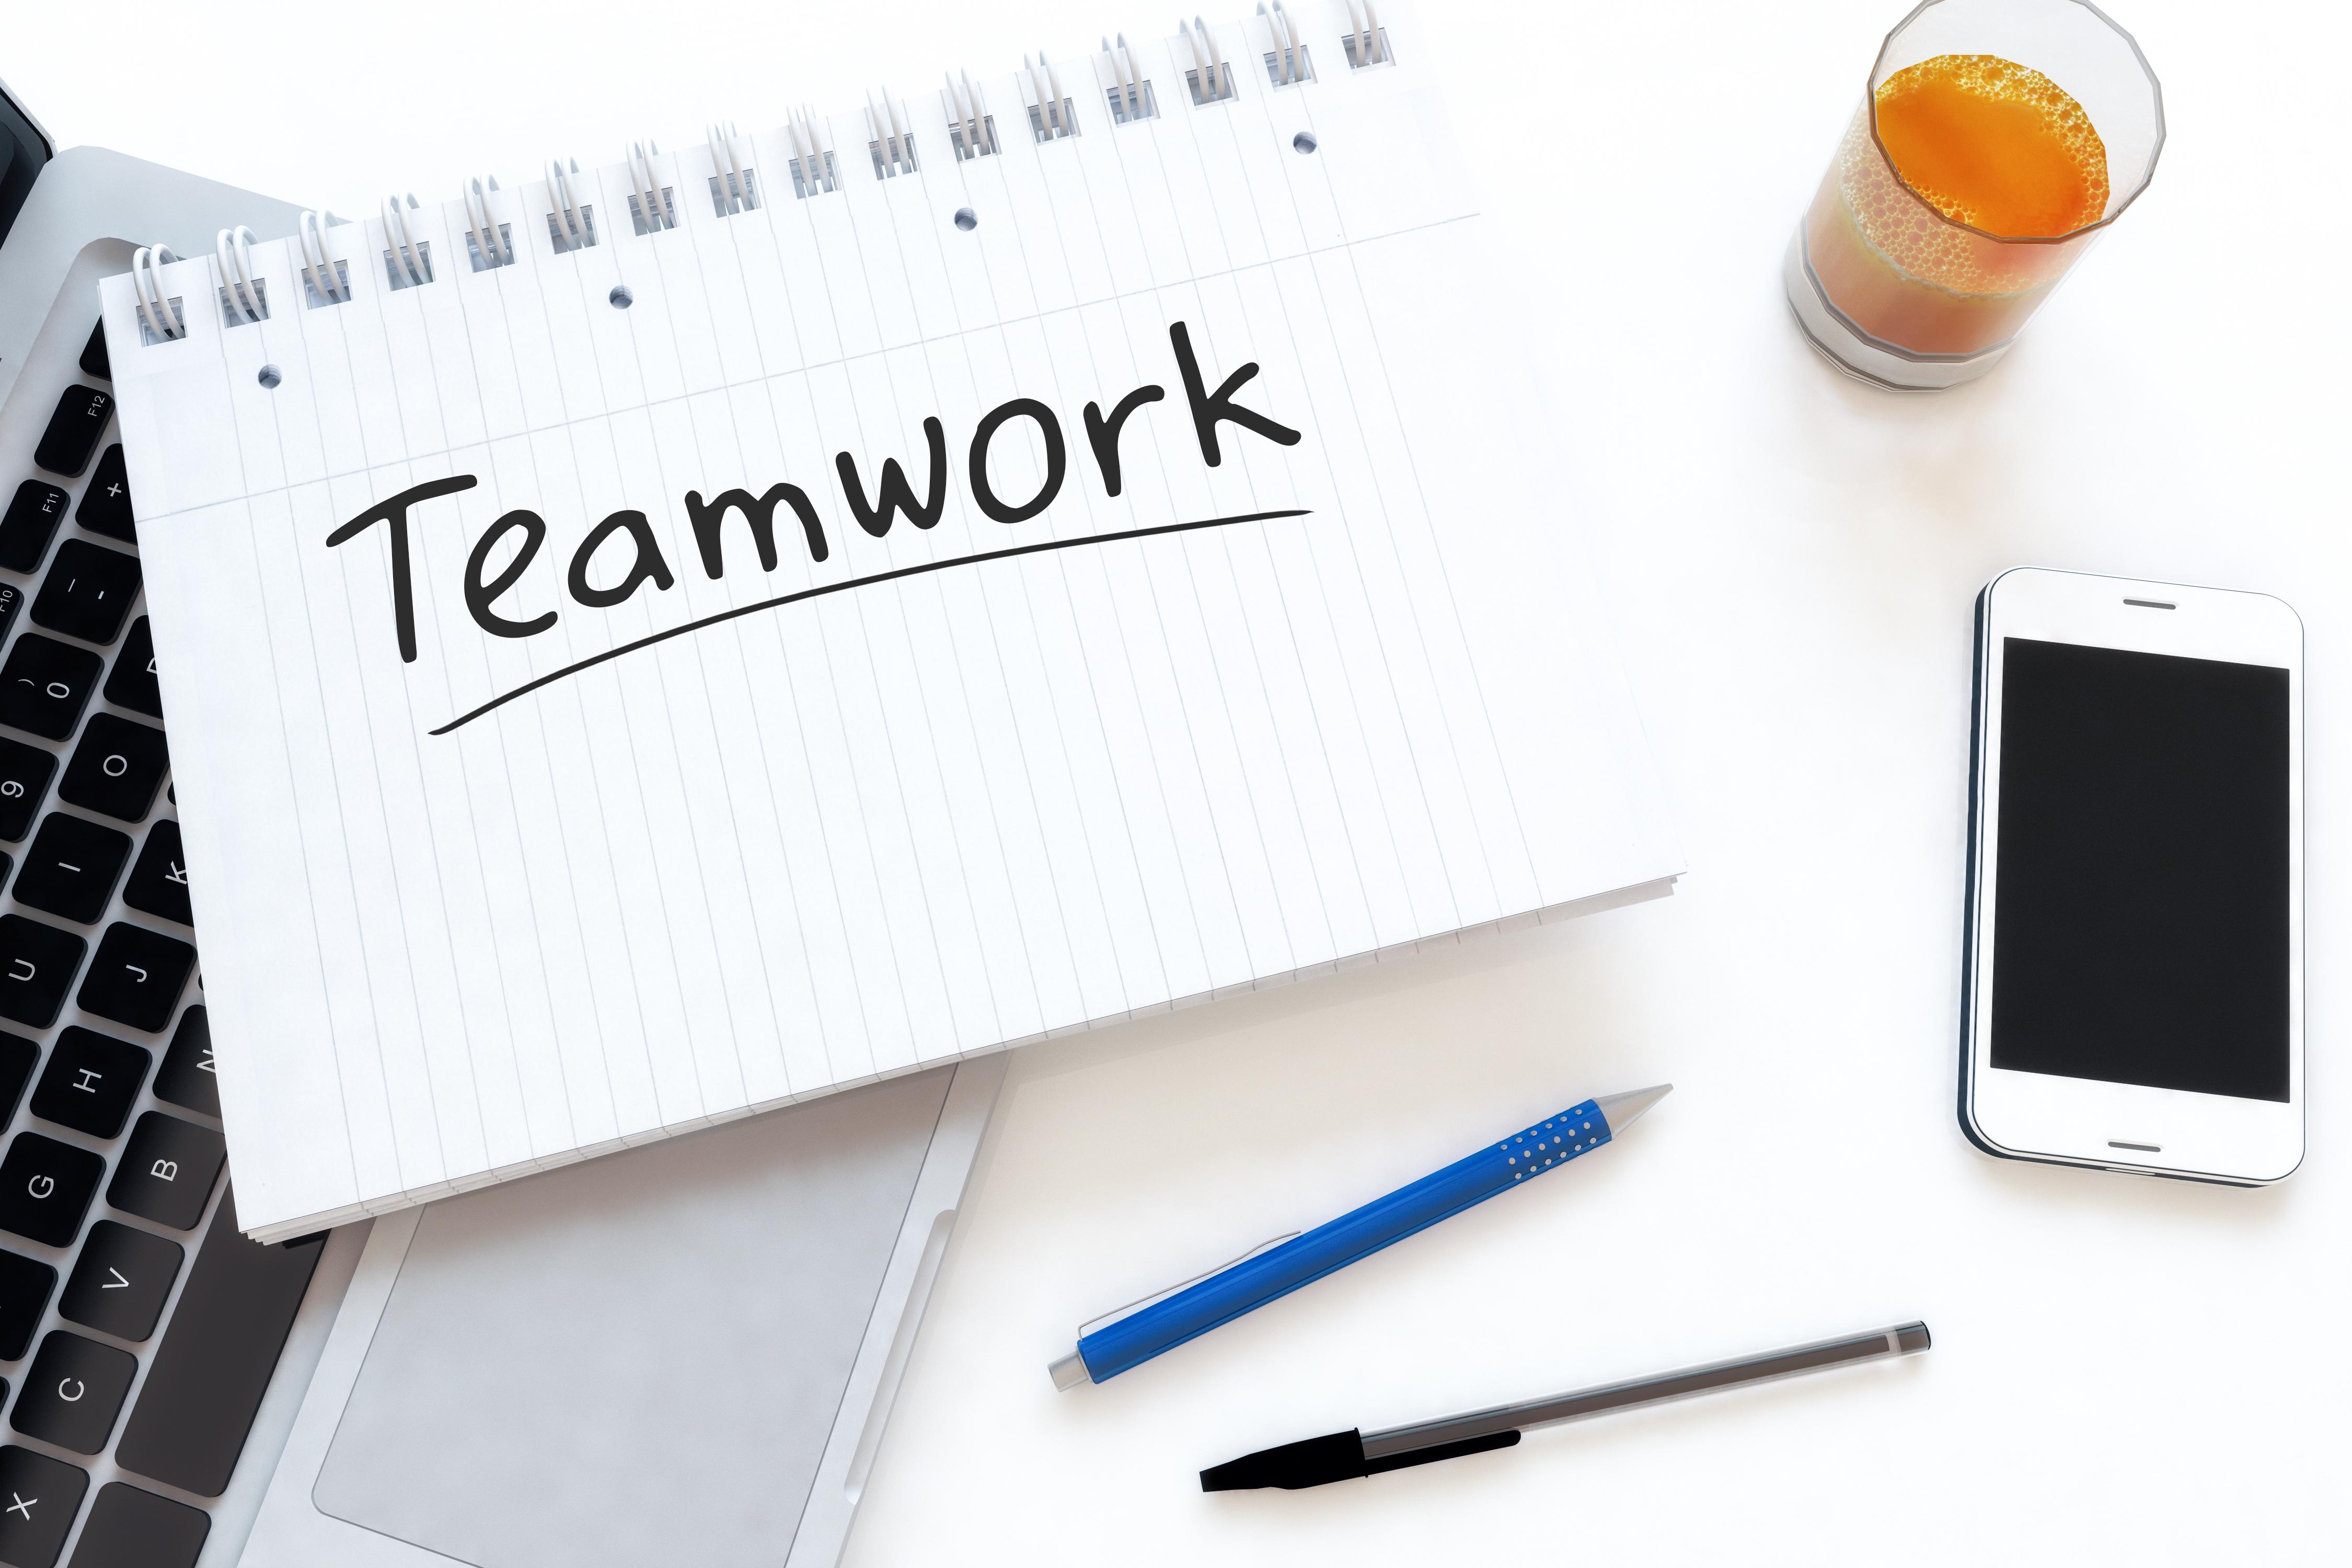 teamwork_shutterstock_294096317